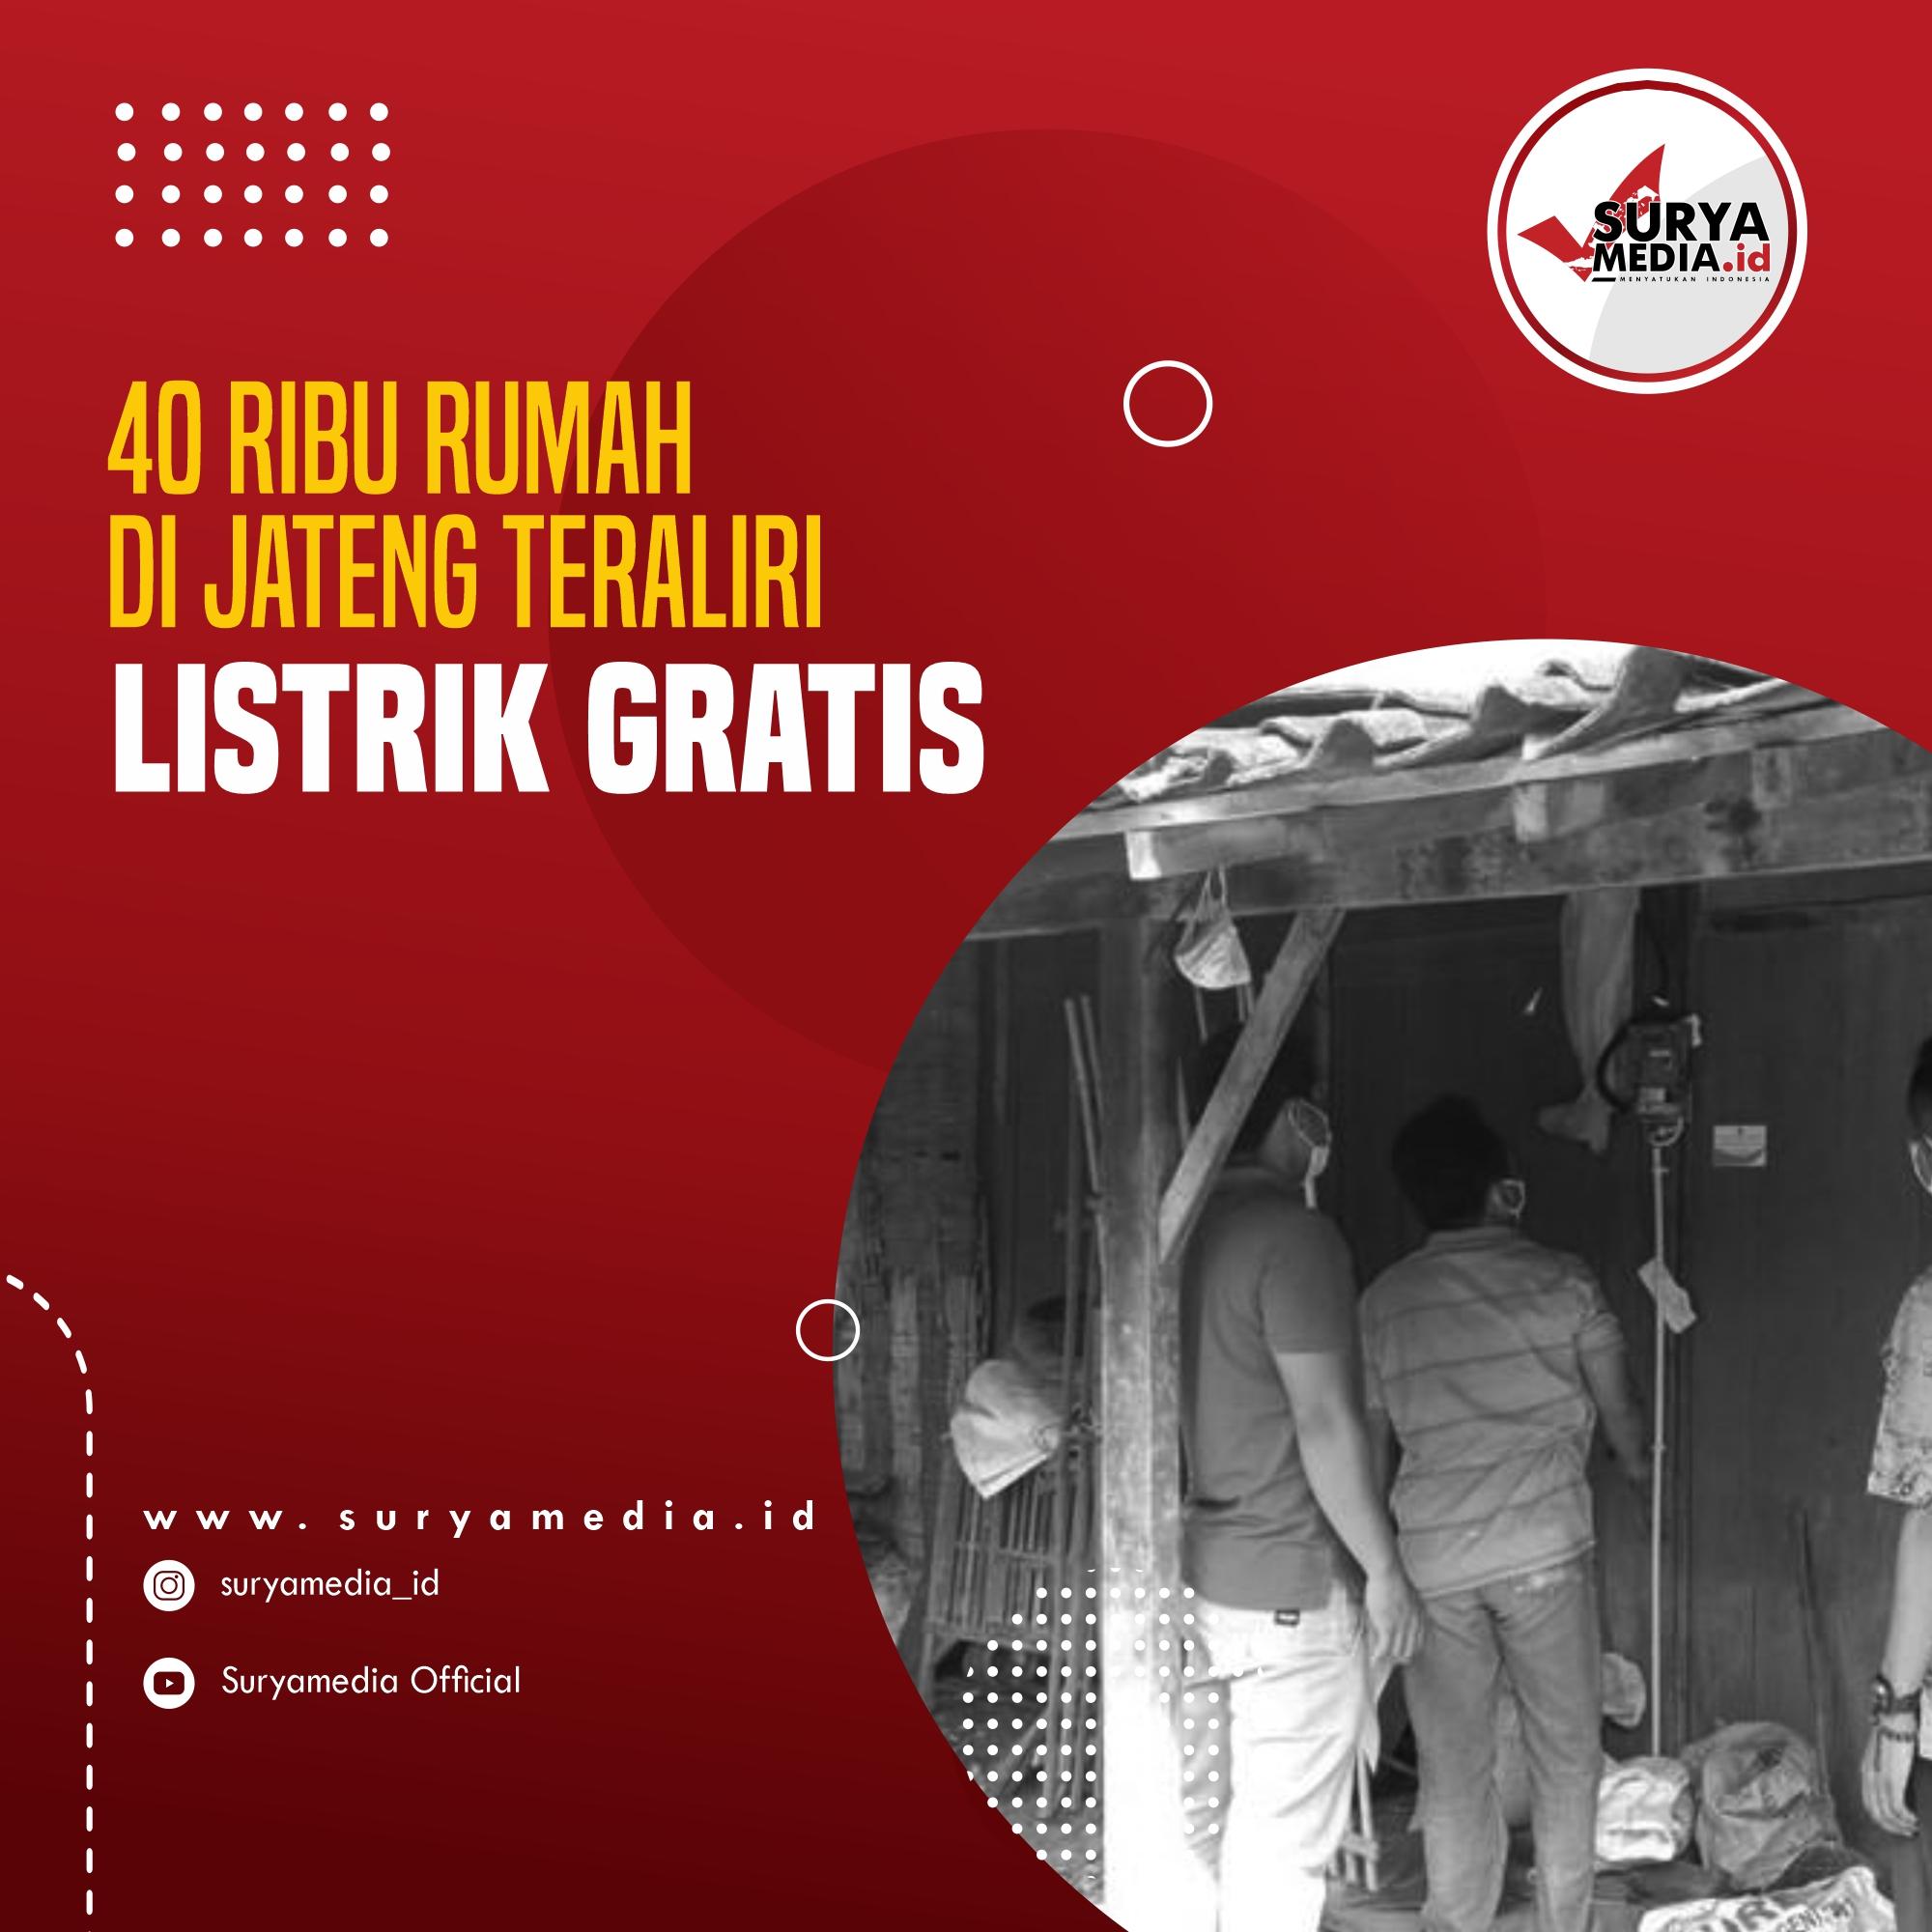 40 Ribu Rumah di Jateng Teraliri Listrik Gratis